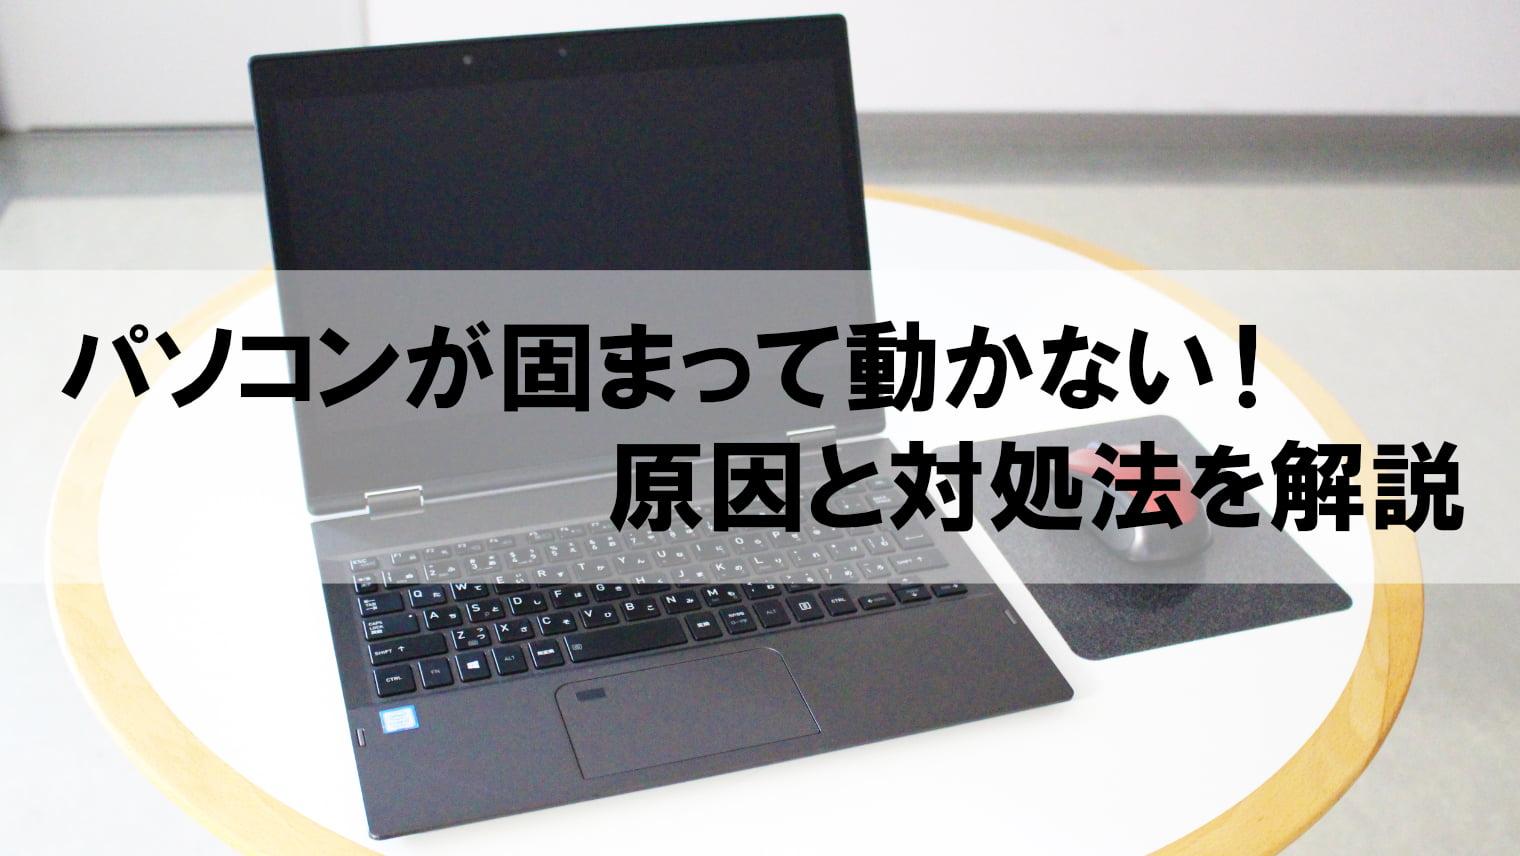 【Windows10】パソコンが固まって動かない!原因と対処法を解説